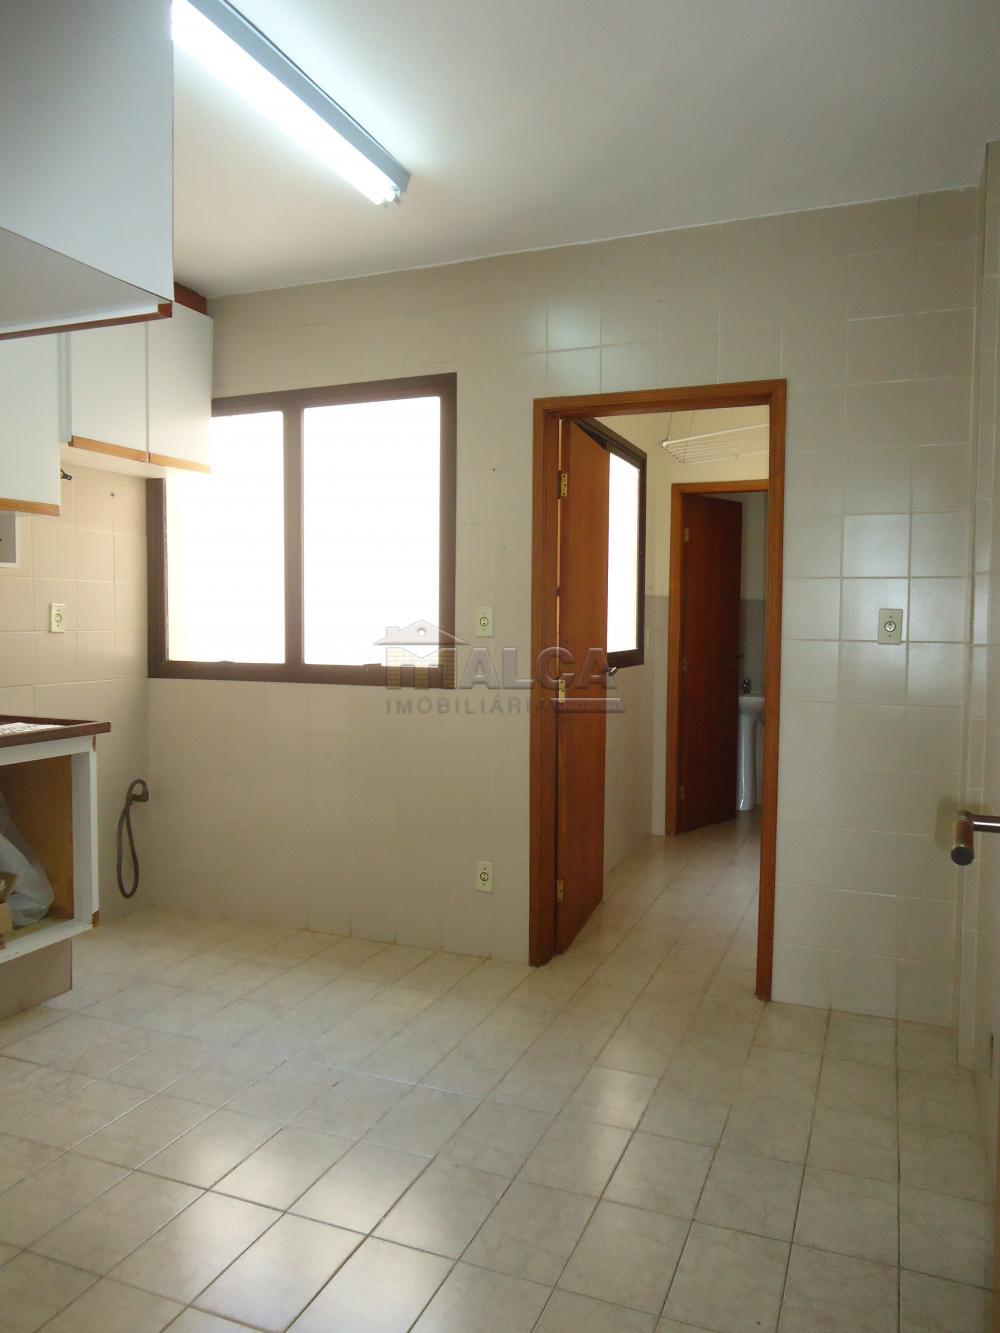 Alugar Apartamentos / Condomínio em São José do Rio Pardo apenas R$ 650,00 - Foto 27